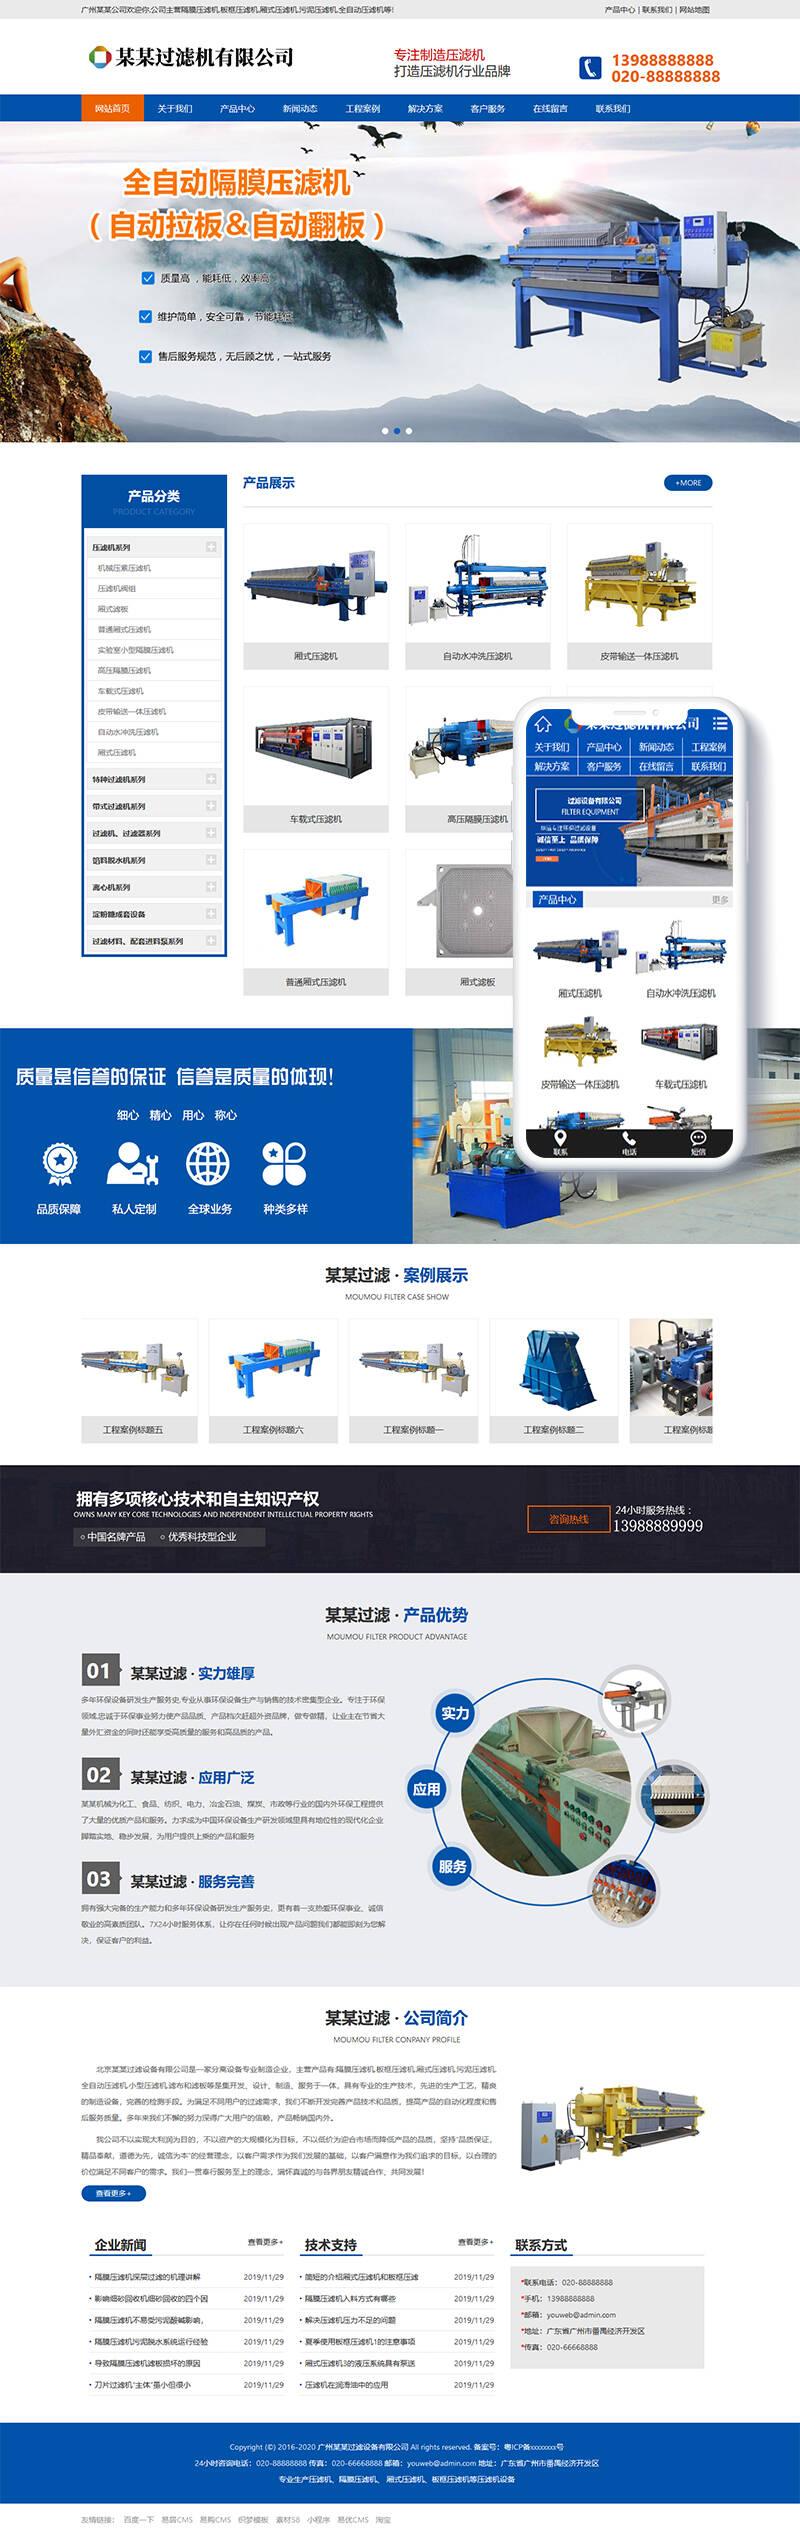 机械设备销售企业网站